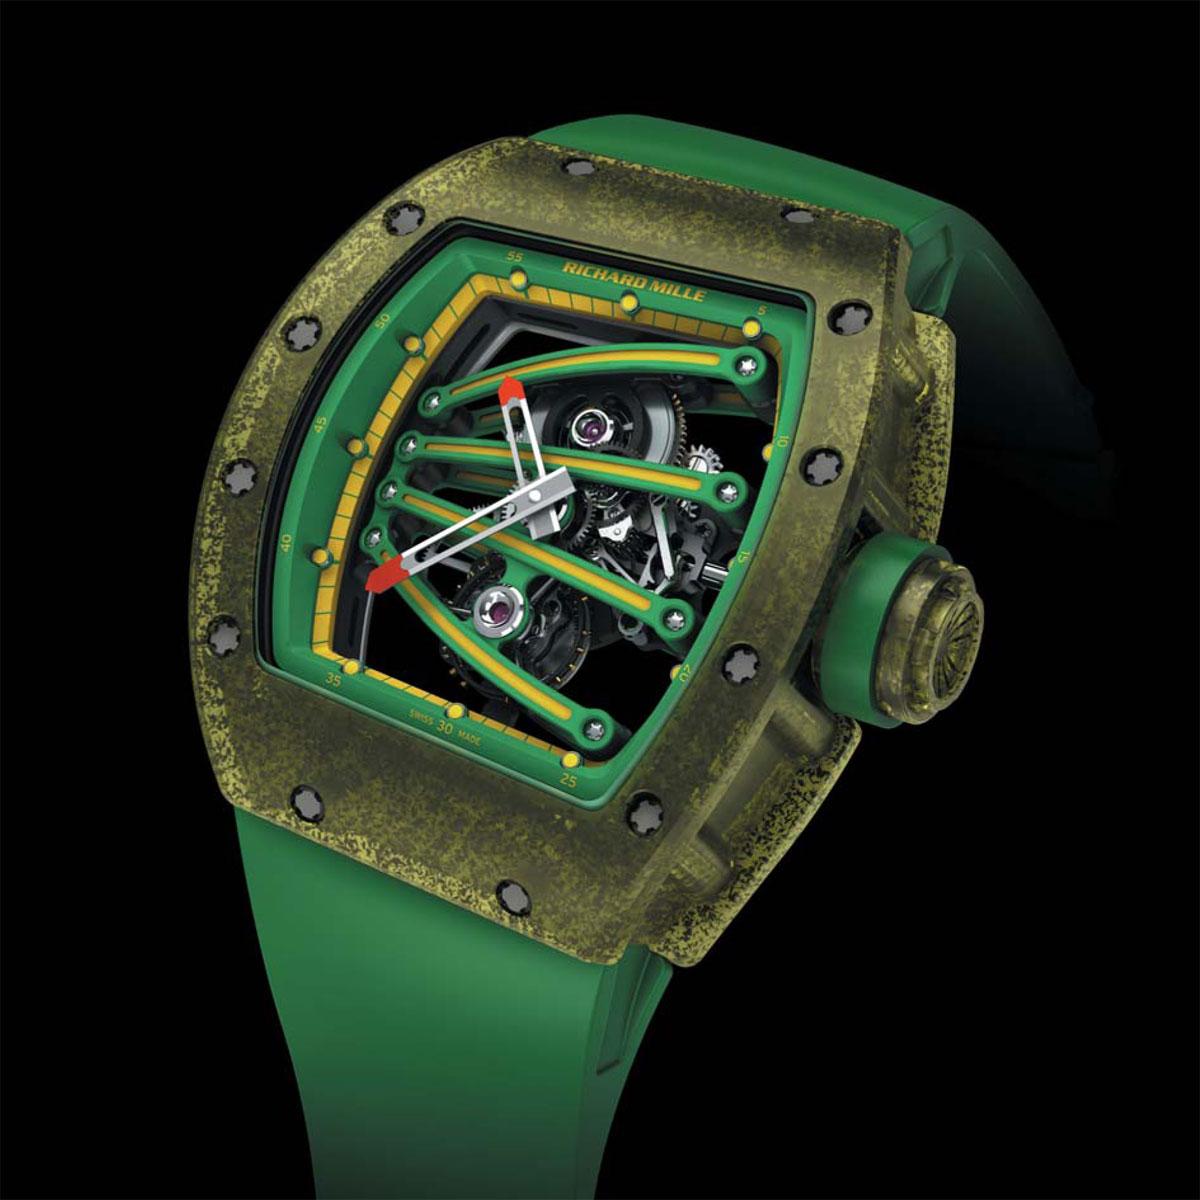 RM 59-01 for Yohan Blake